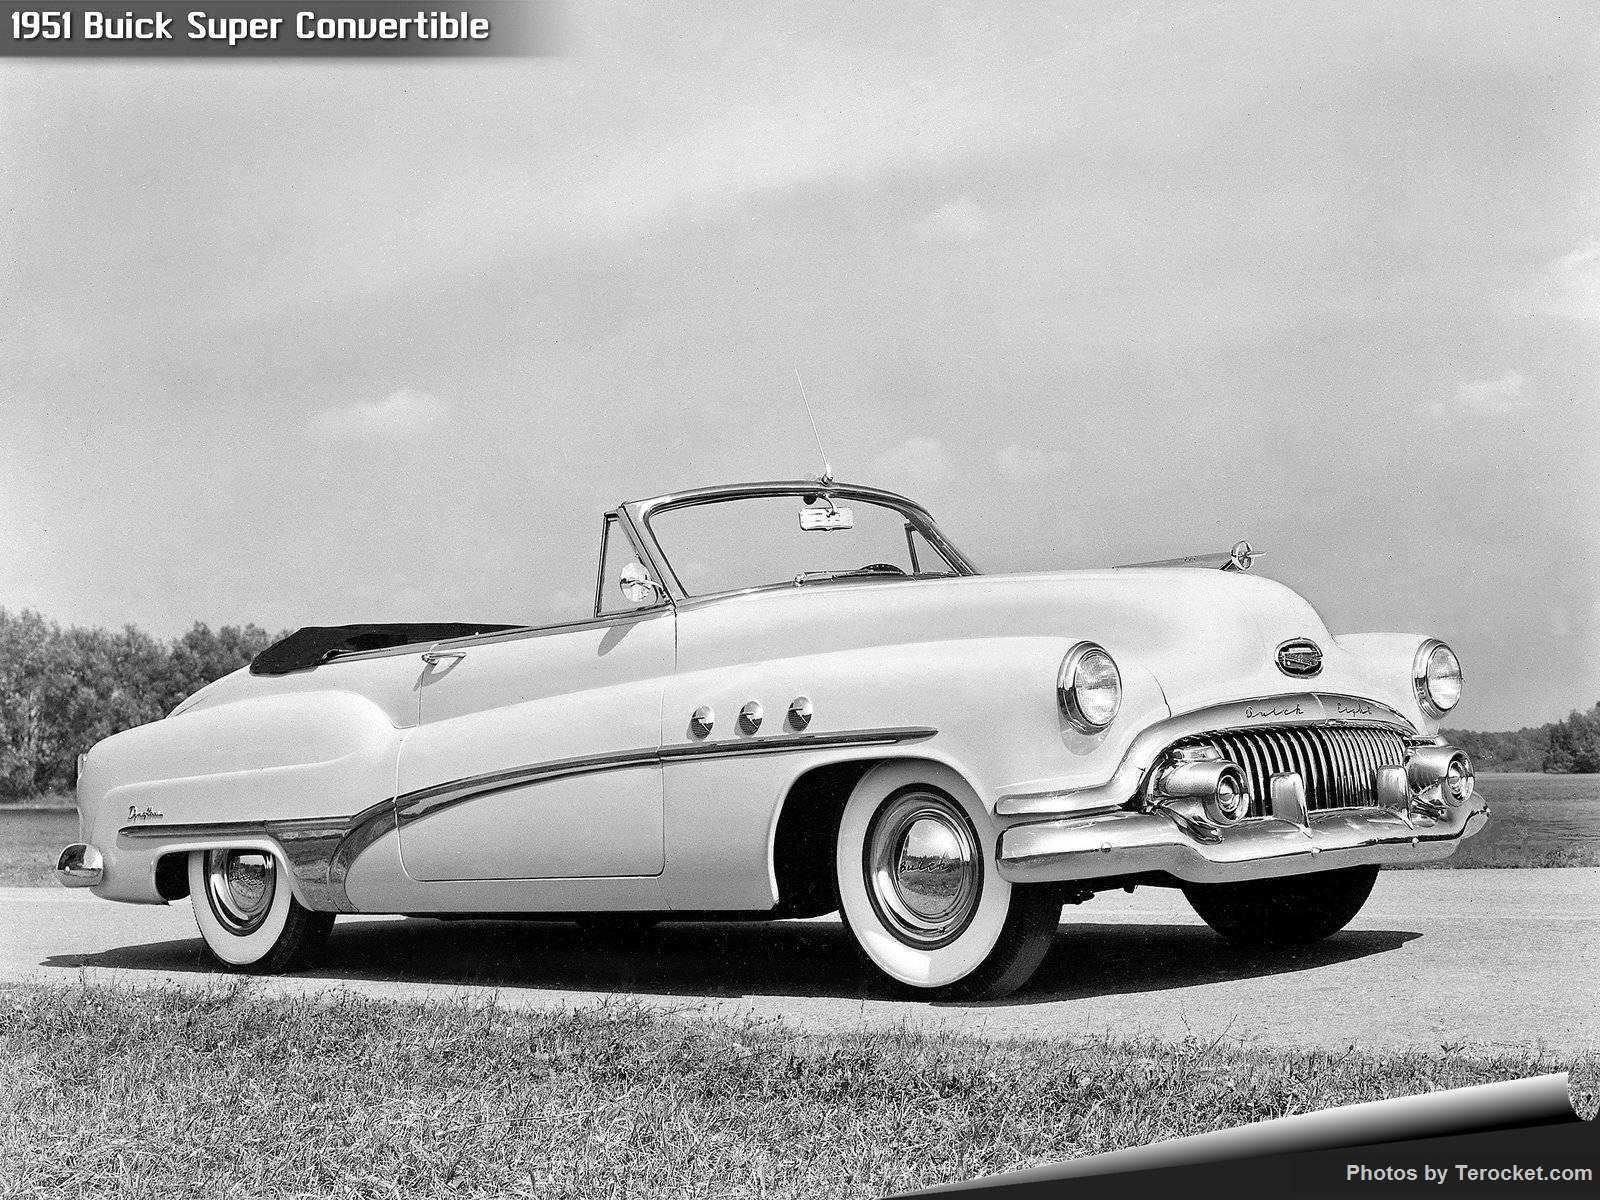 Hình ảnh xe ô tô Buick Super Convertible 1951 & nội ngoại thất